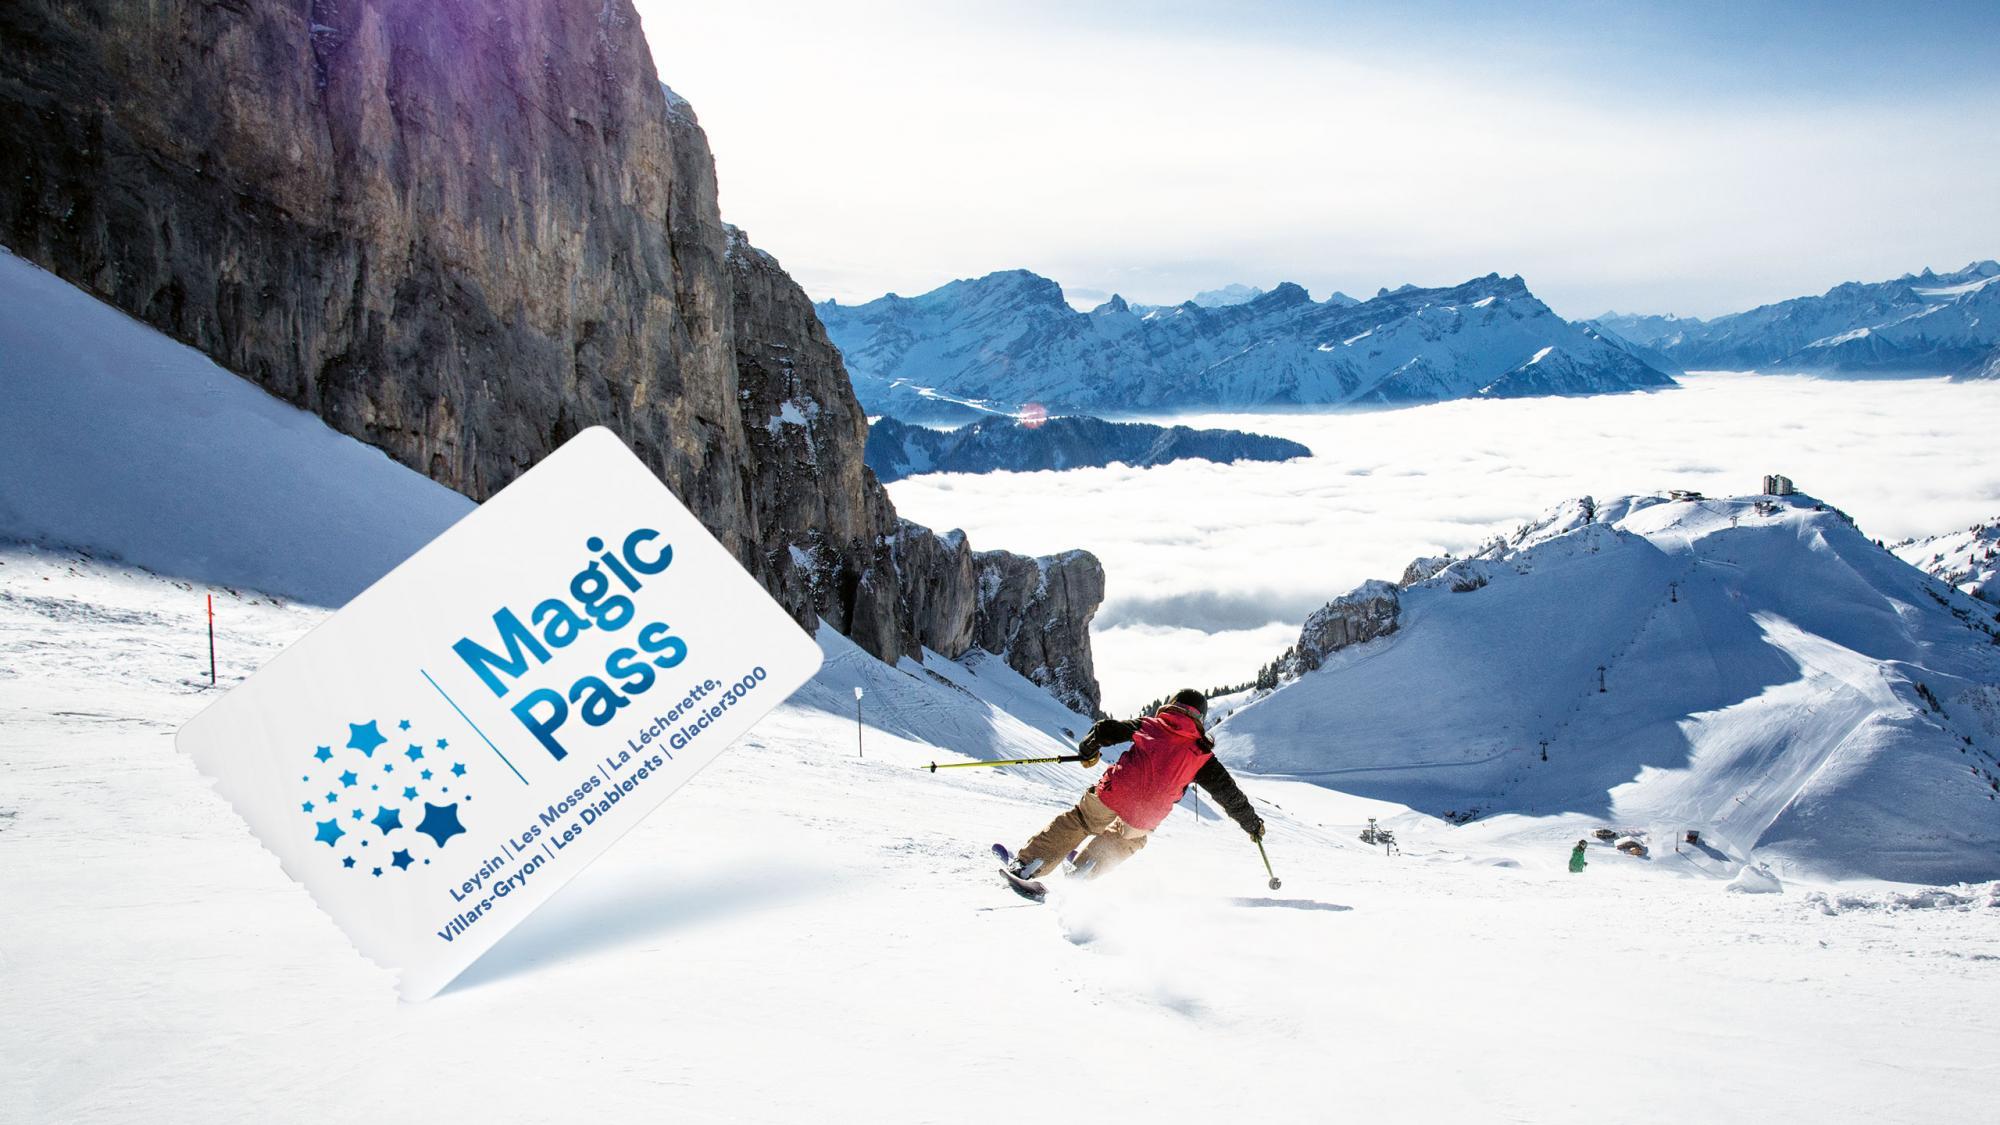 esquiando con el magicpass